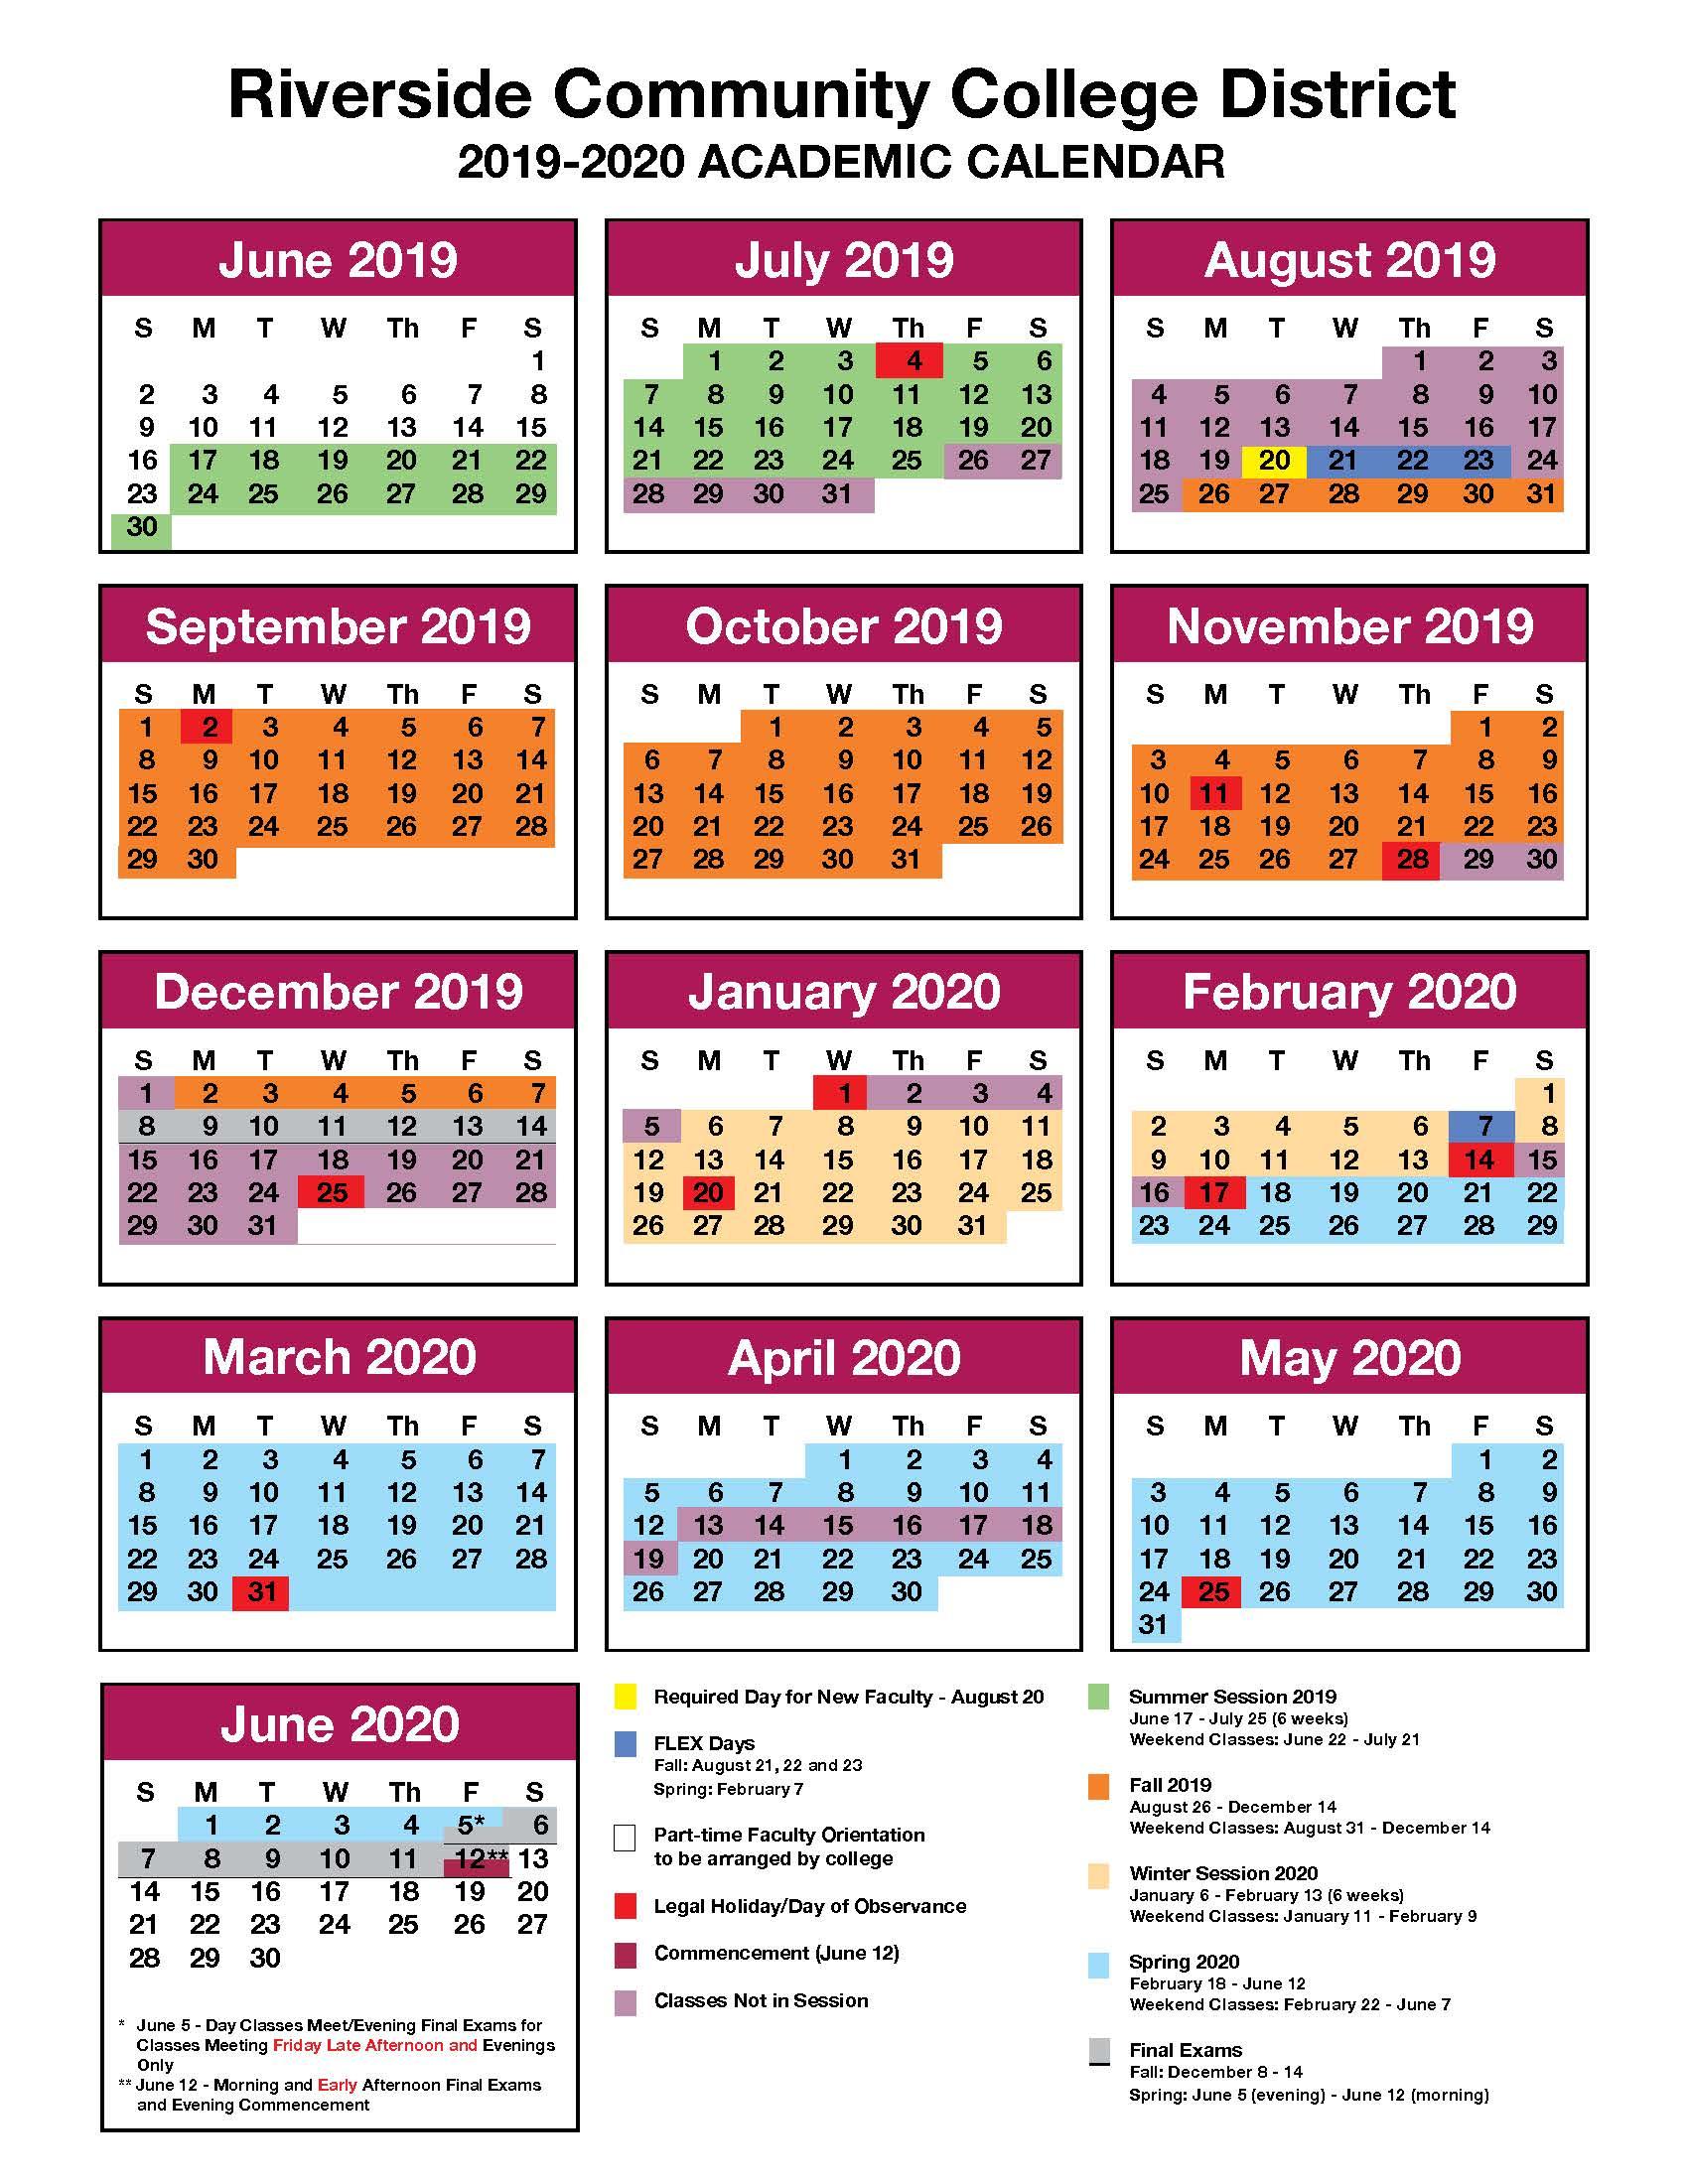 Jfk And Norco College Calendar 2019-2020 - John F. Kennedy throughout Corona Norco Usd School Calendar 2021